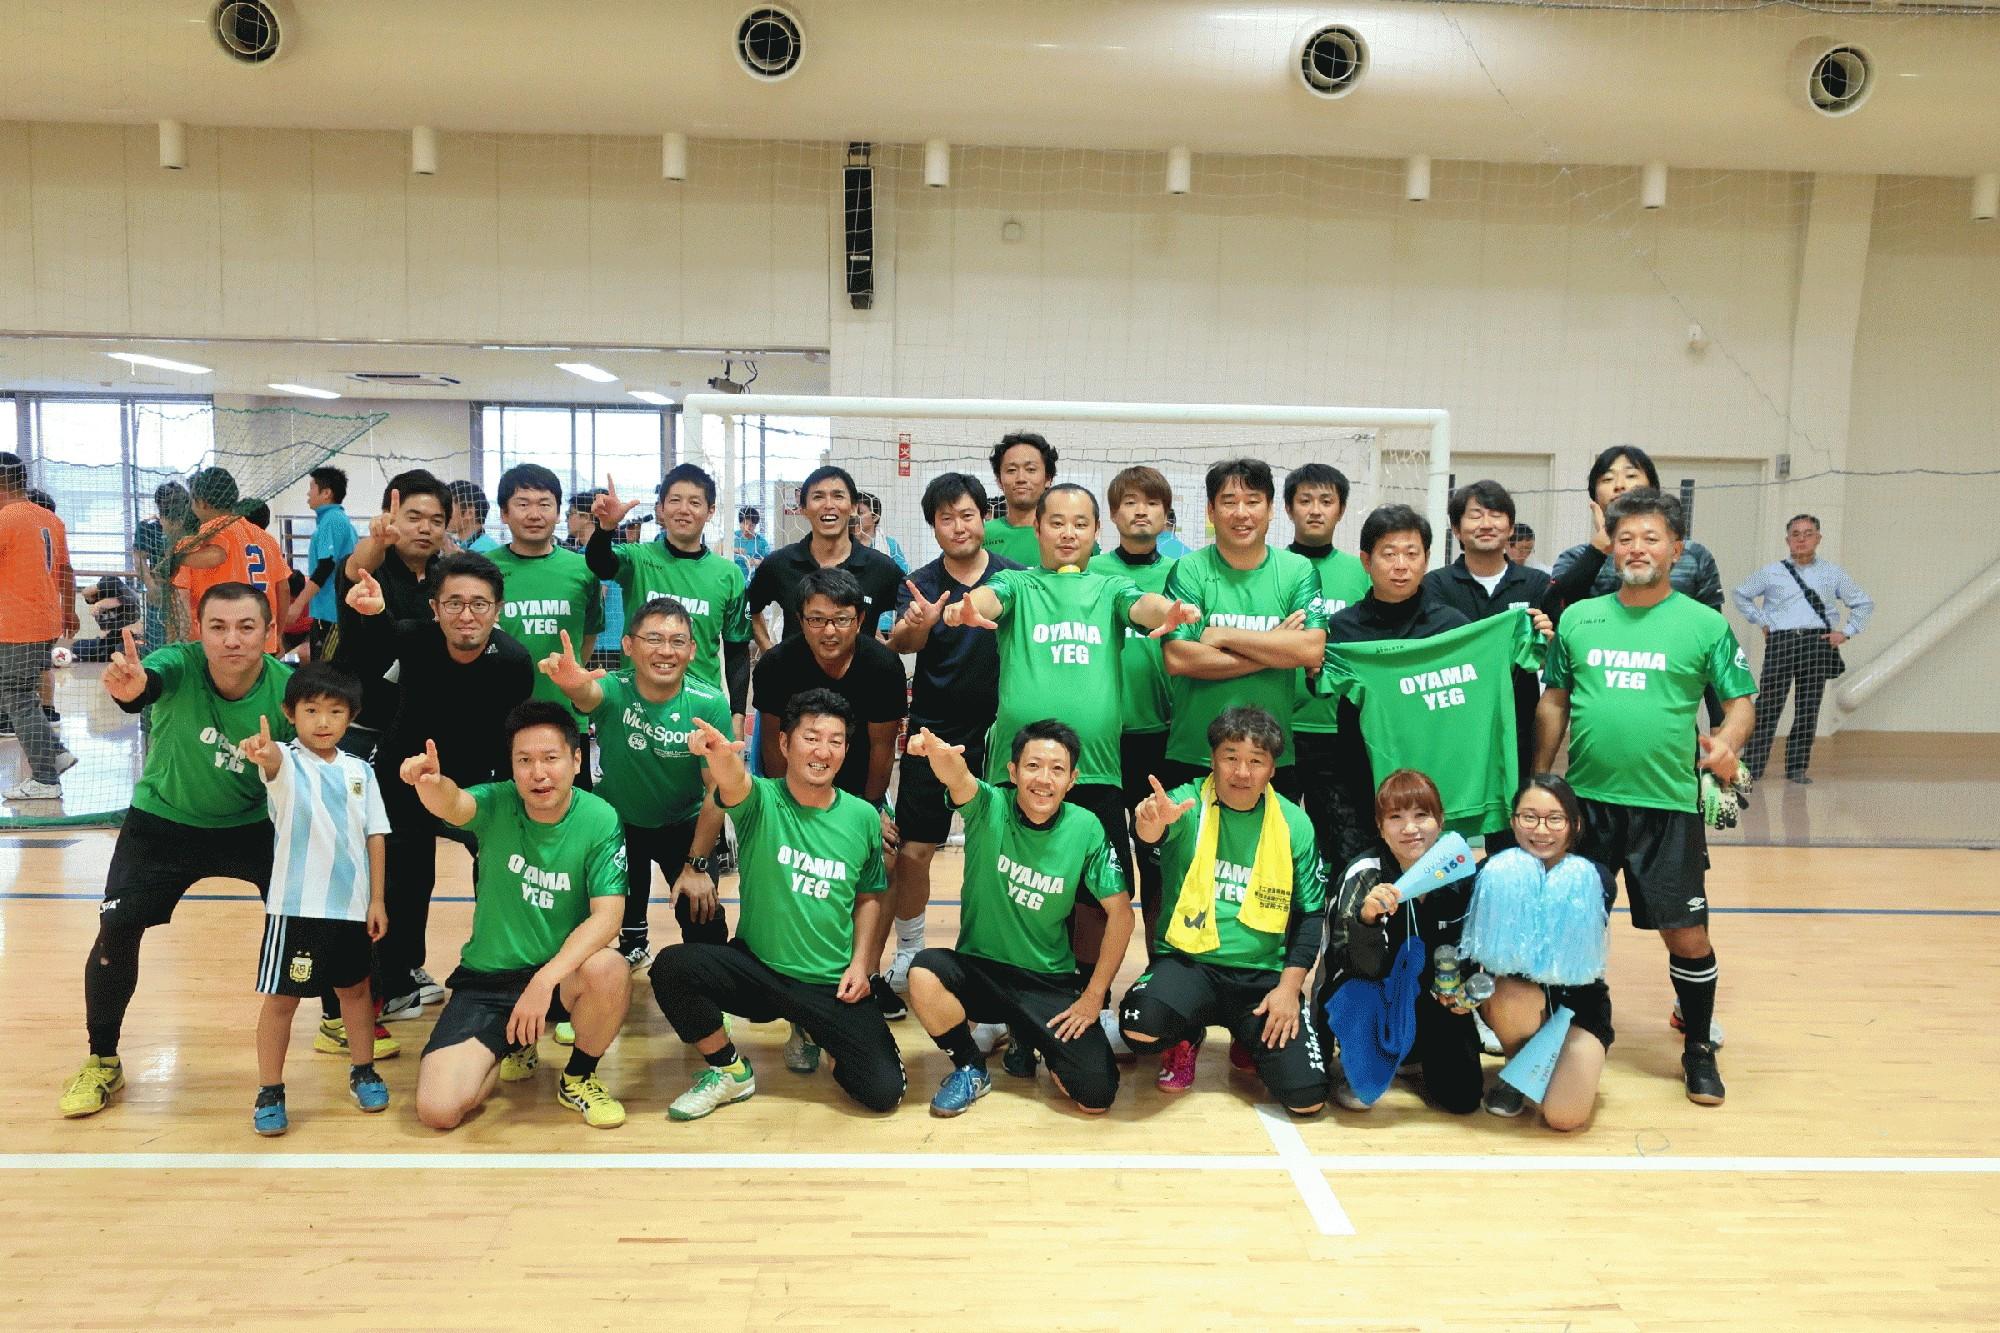 栃木県青連フットサル大会に参加しました